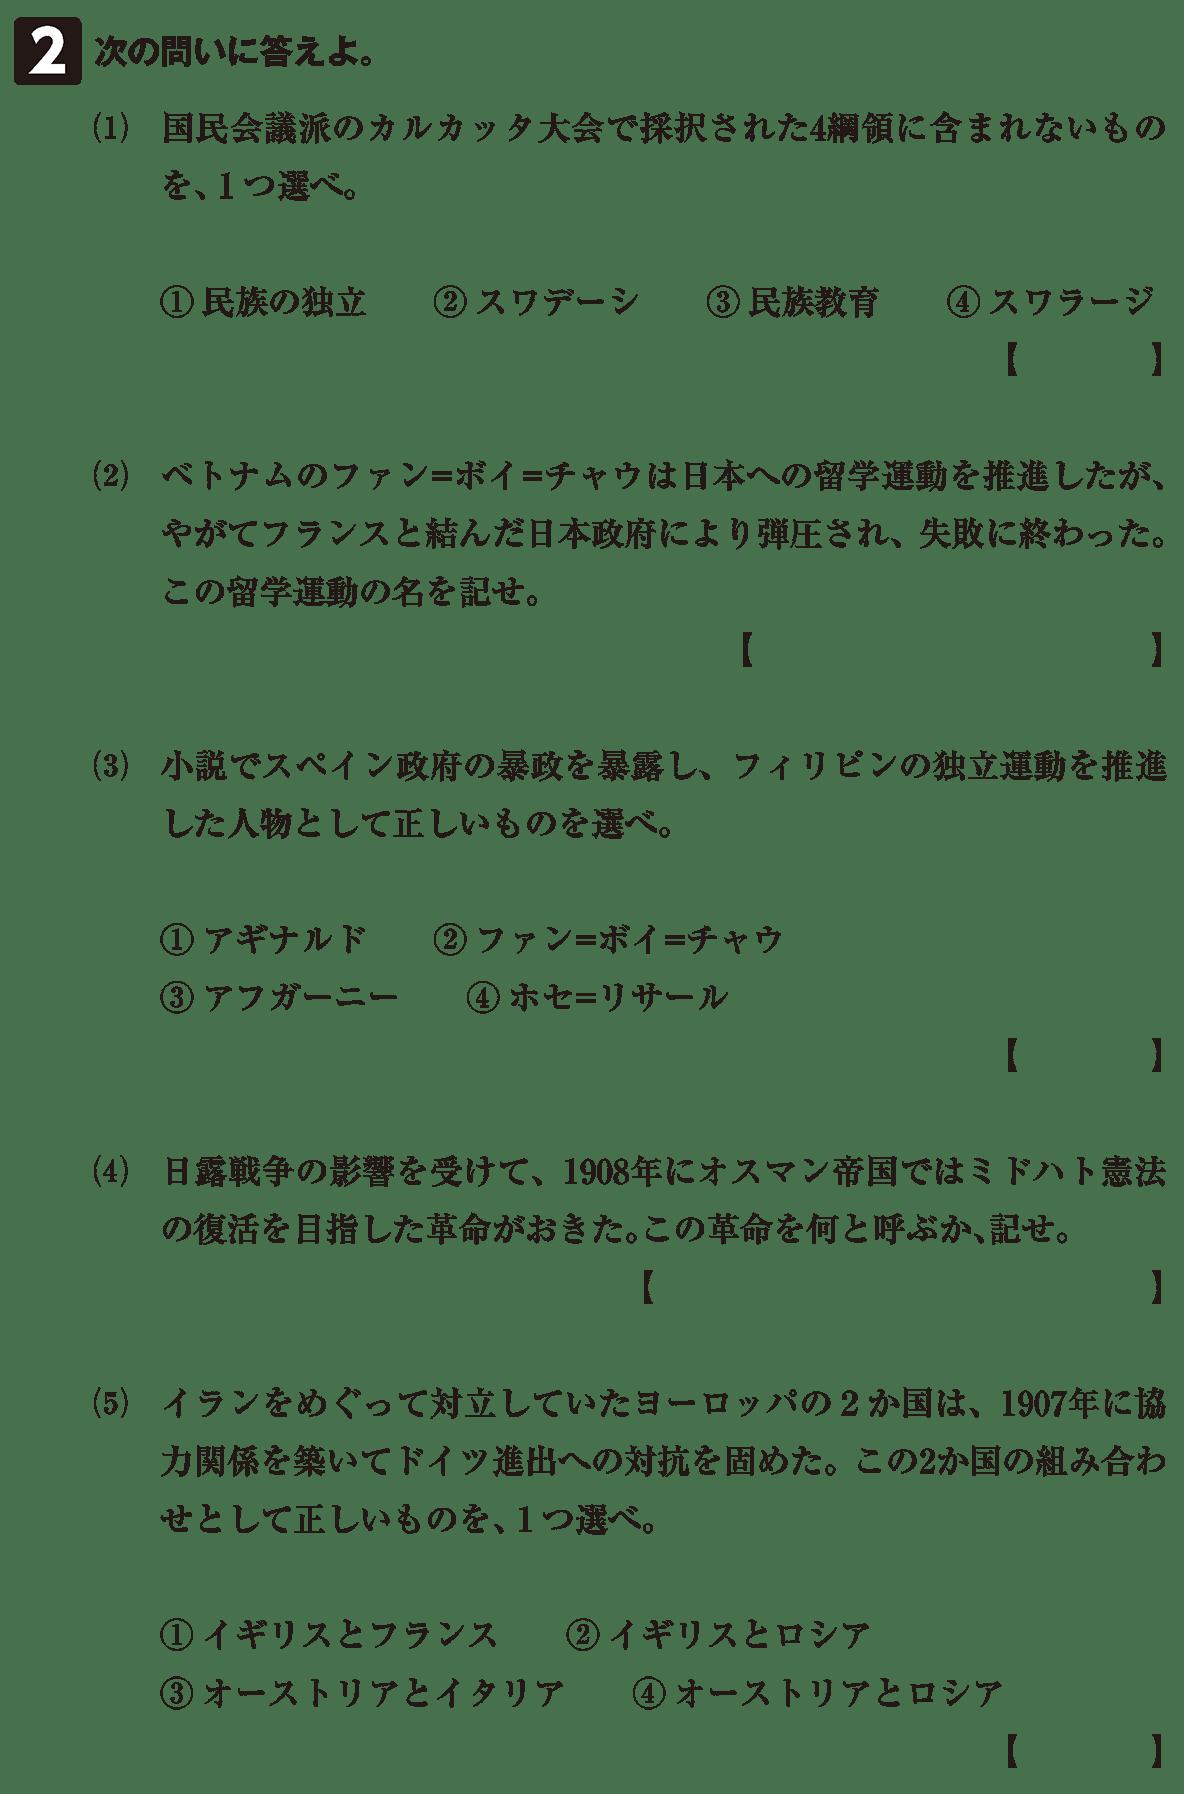 帝国主義とアジアの民族運動5 確認テスト(後半)